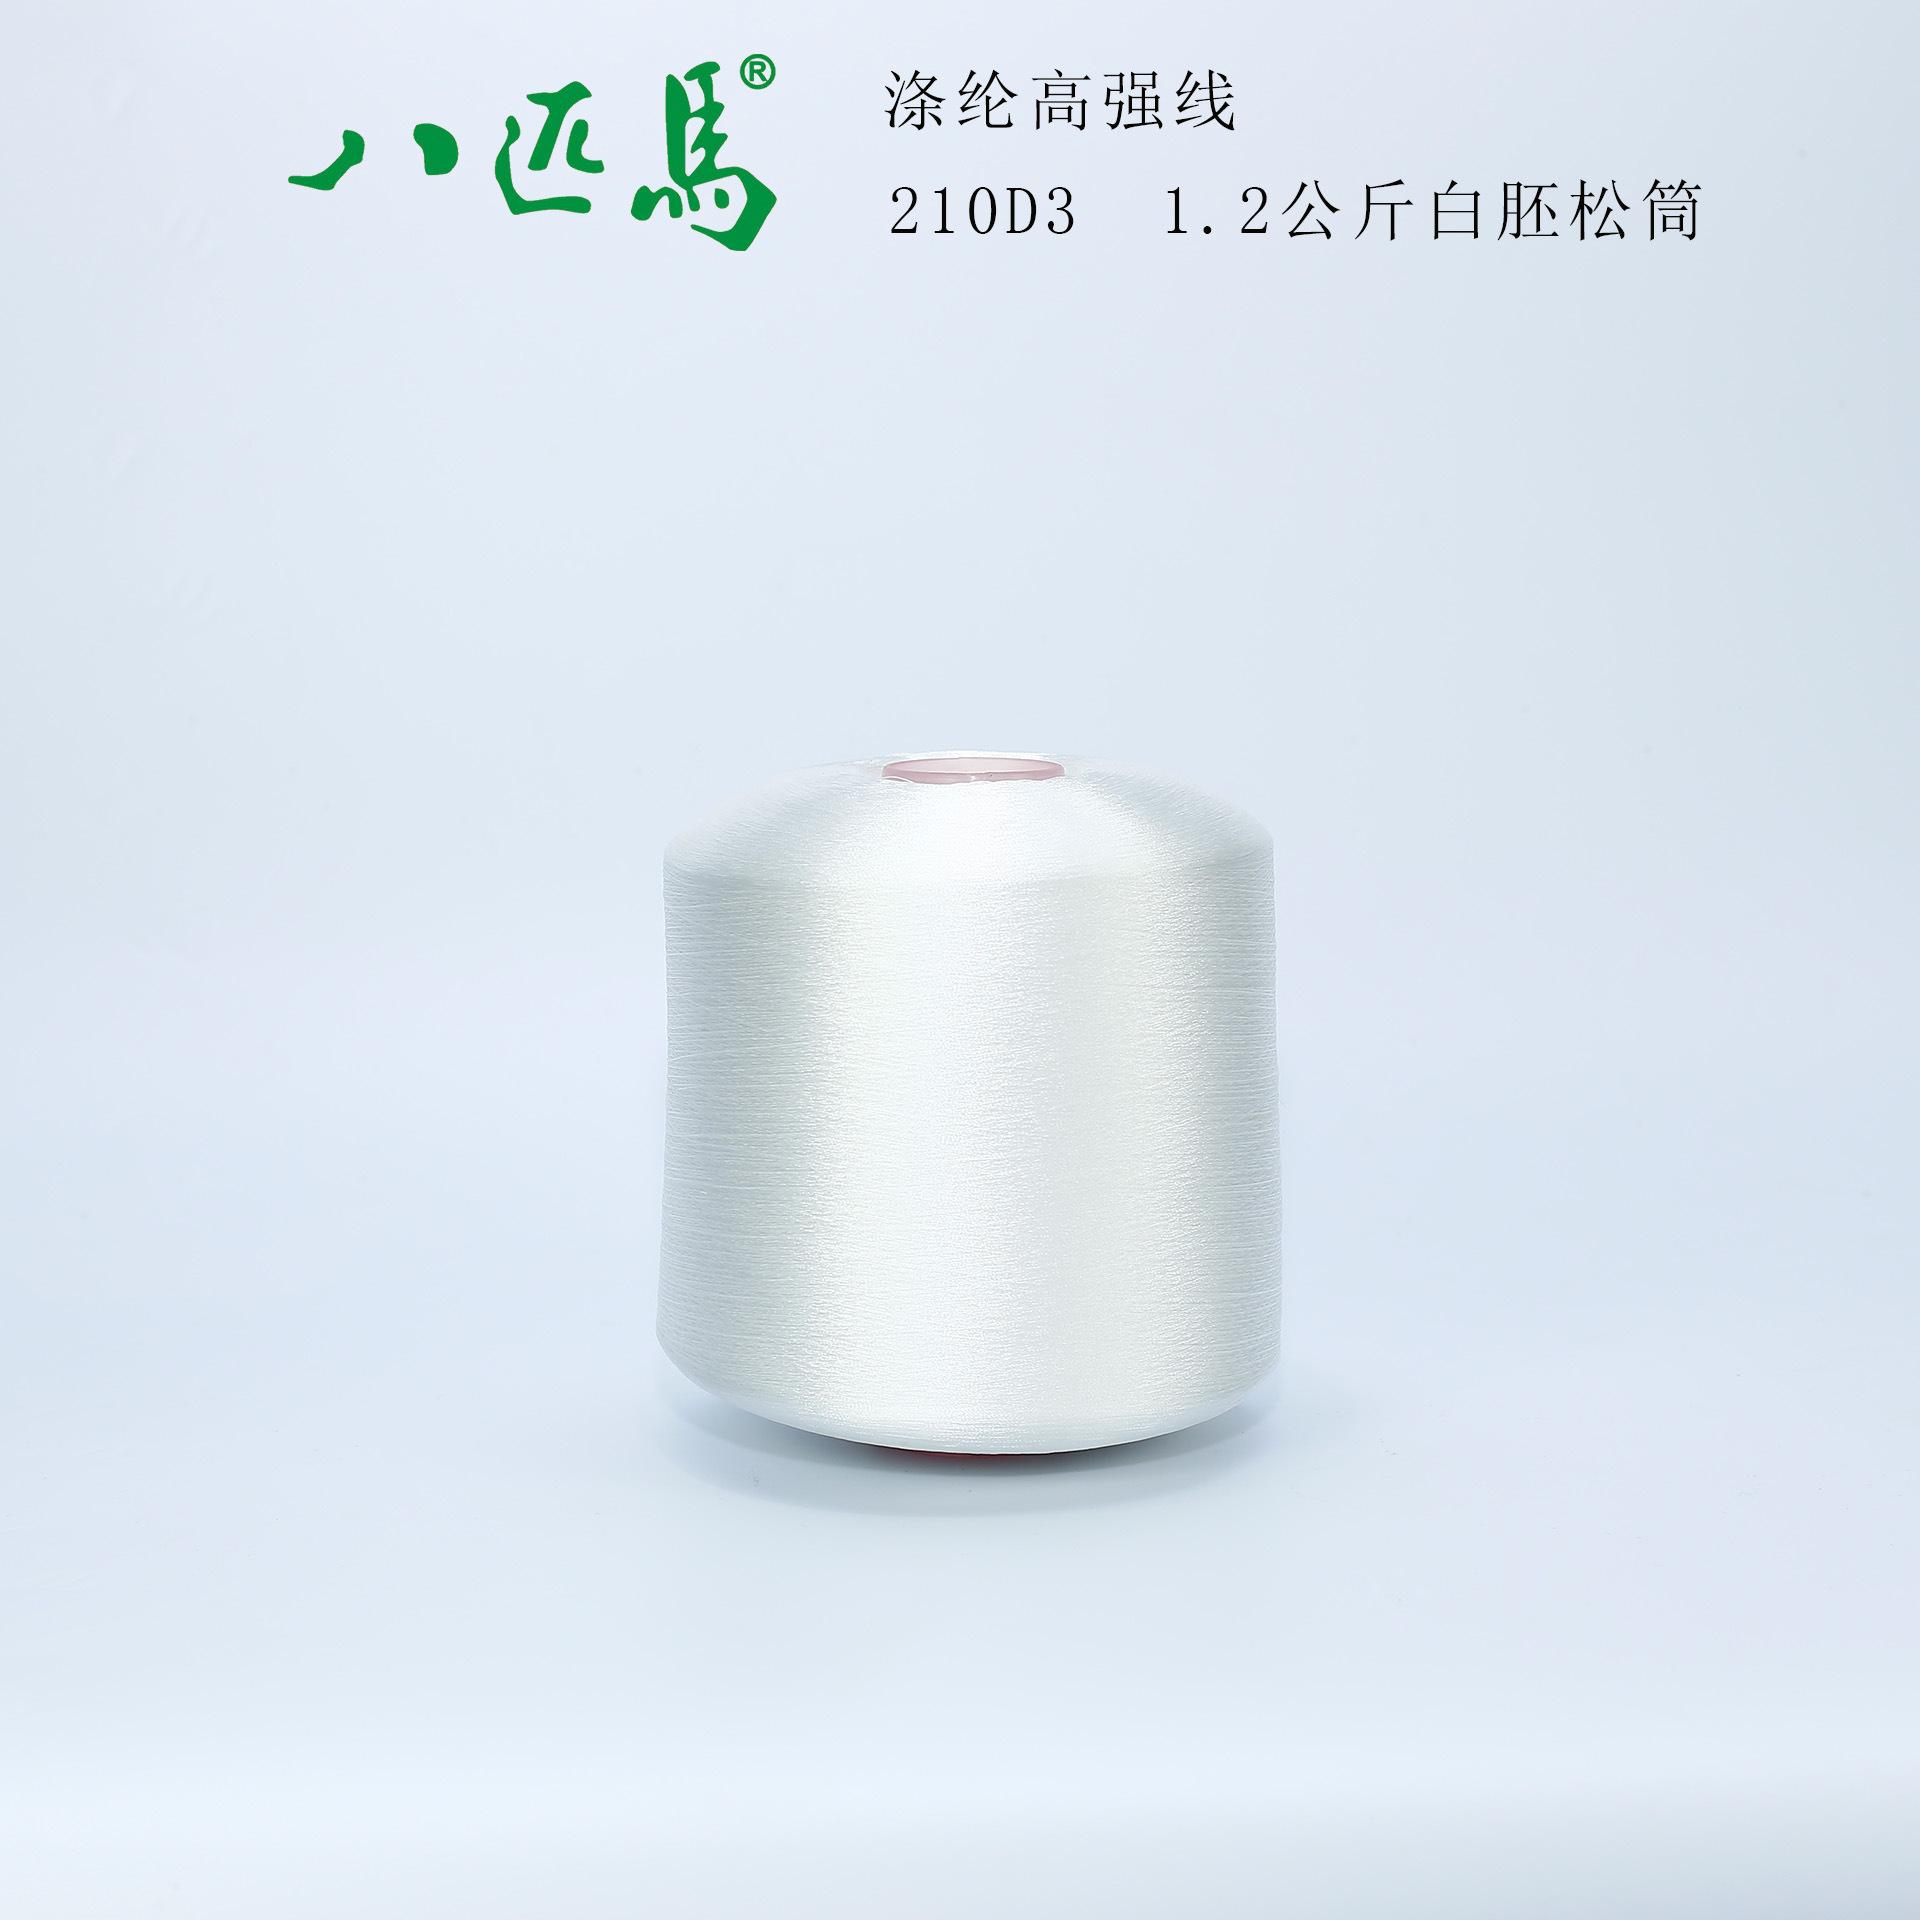 BAPIMA Chỉ thêu 210D / 3 polyester cường độ cao dòng co rút thấp phôi trắng ống lỏng chủ đề may sợi